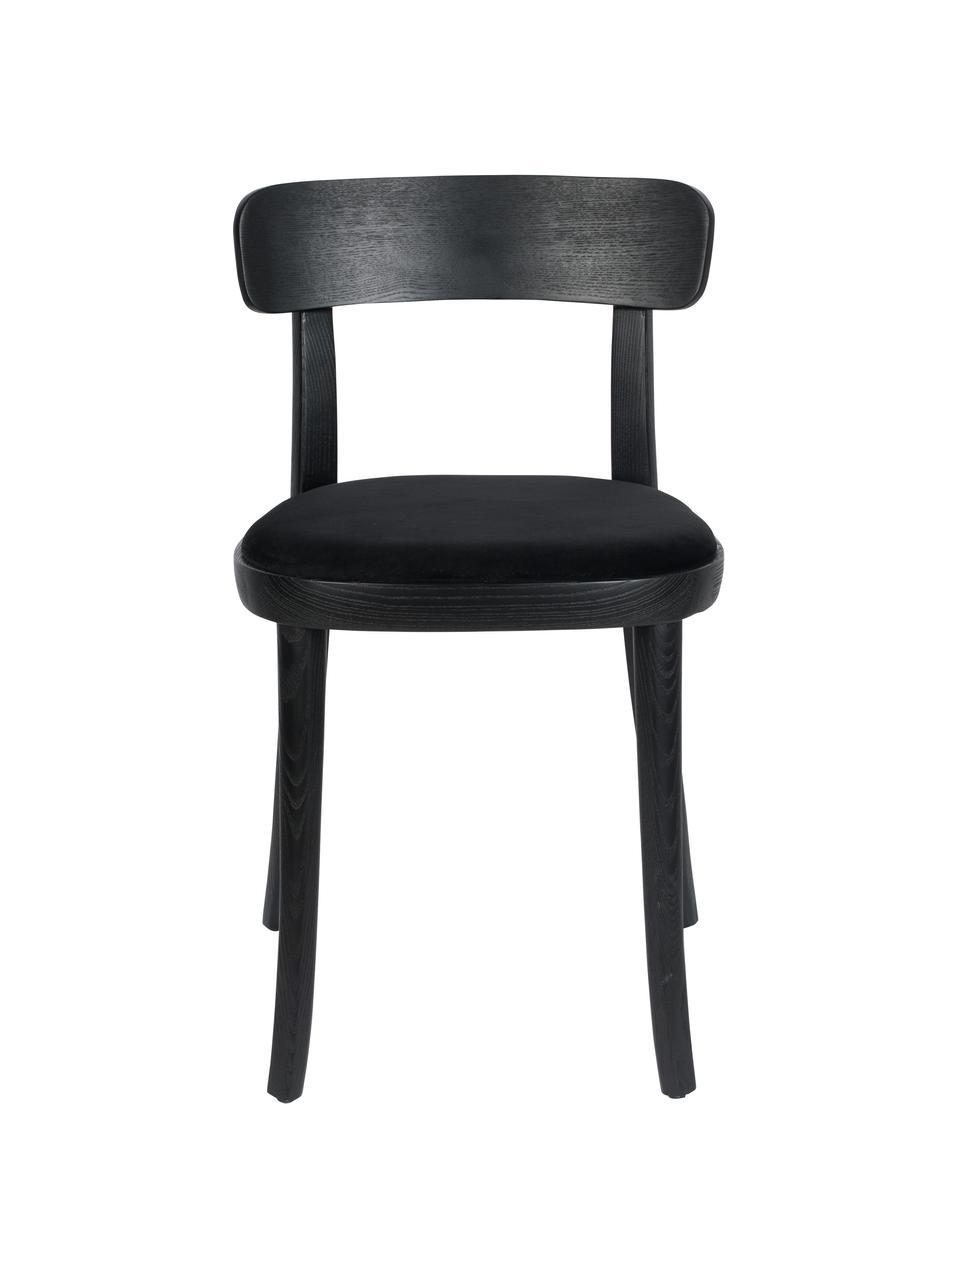 Holzstuhl Brandon mit Samt-Sitzfläche, Bezug: 100% Polyestersamt Der st, Rahmen: Eschenholz, massiv, lacki, Sitzfläche: Schichtholz, Schwarz, B 46 x T 45 cm